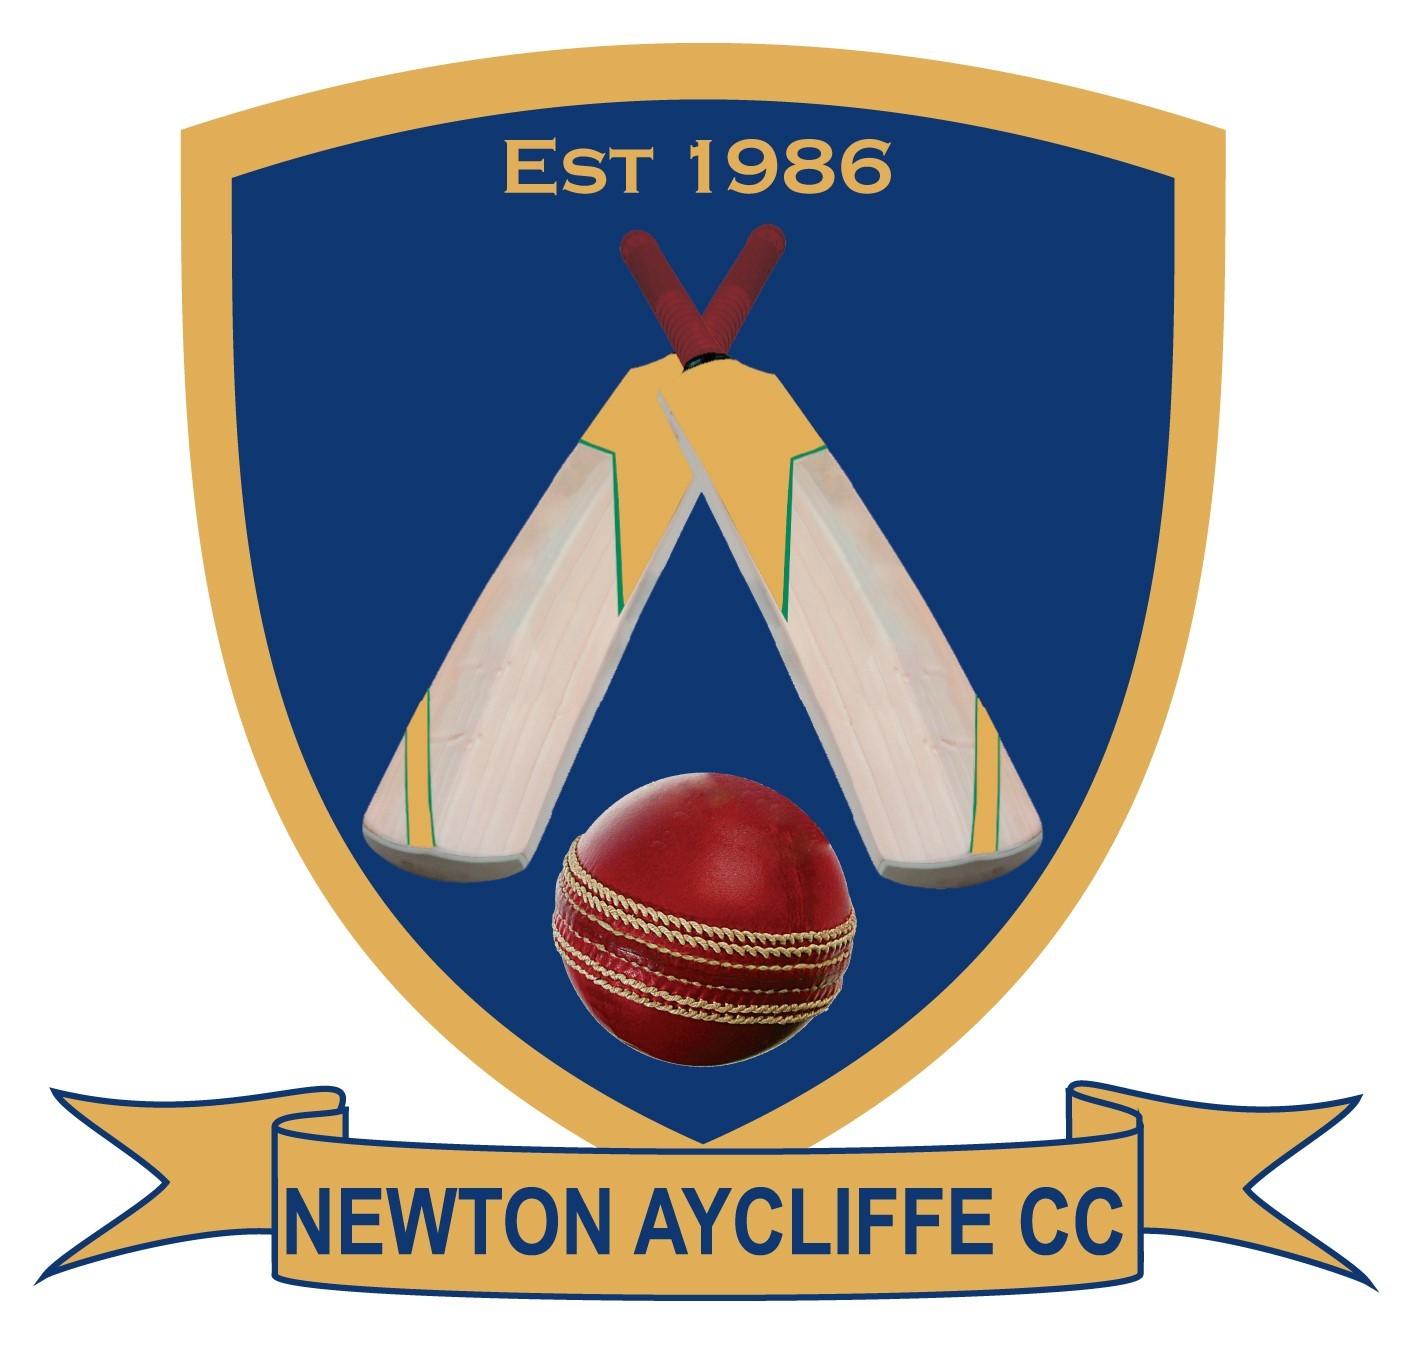 Newton_Aycliffe